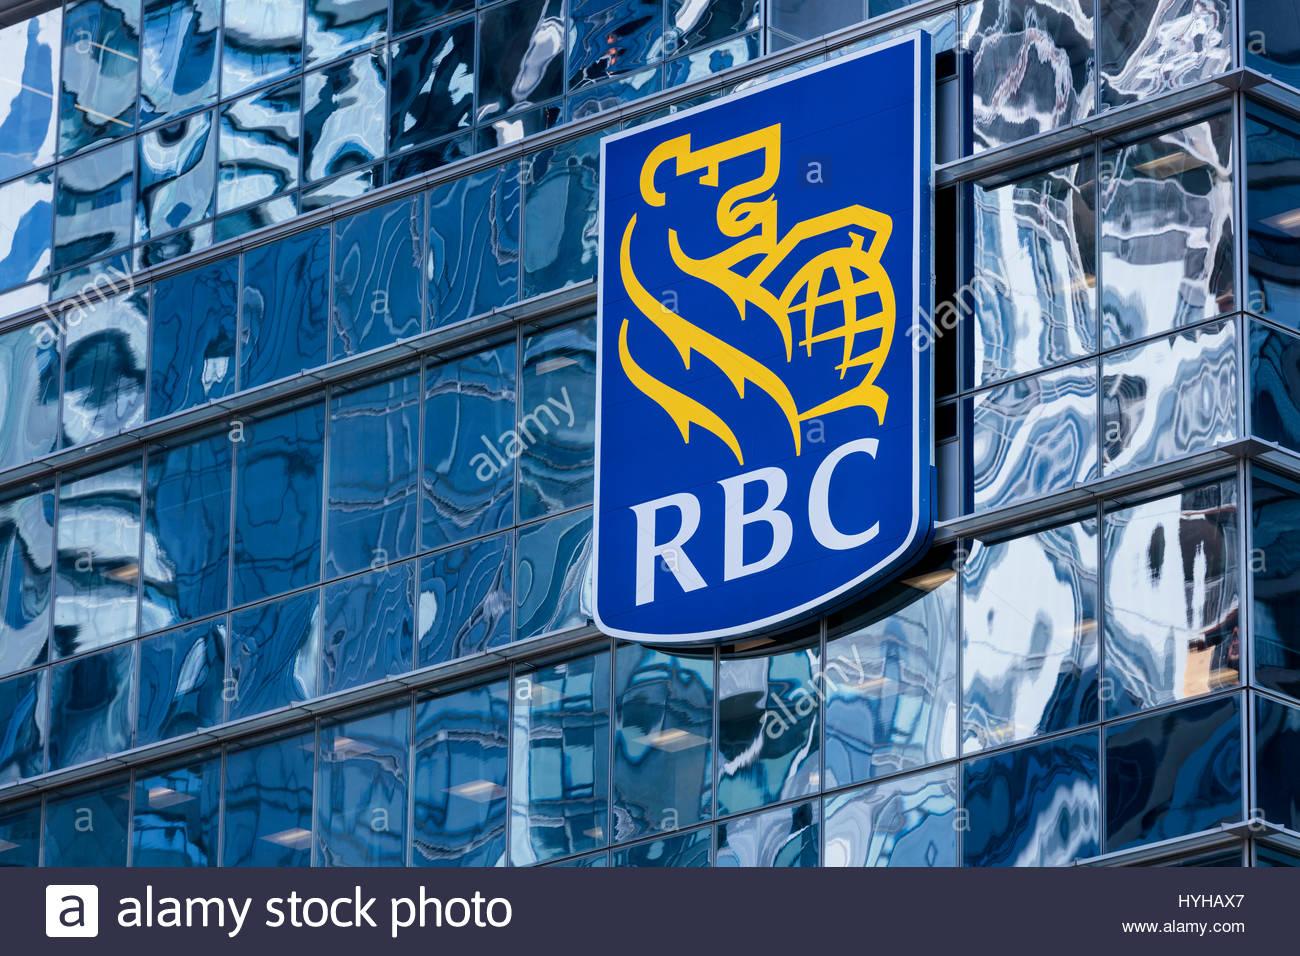 royal-bank-rbc-royal-bank-of-canada-sign